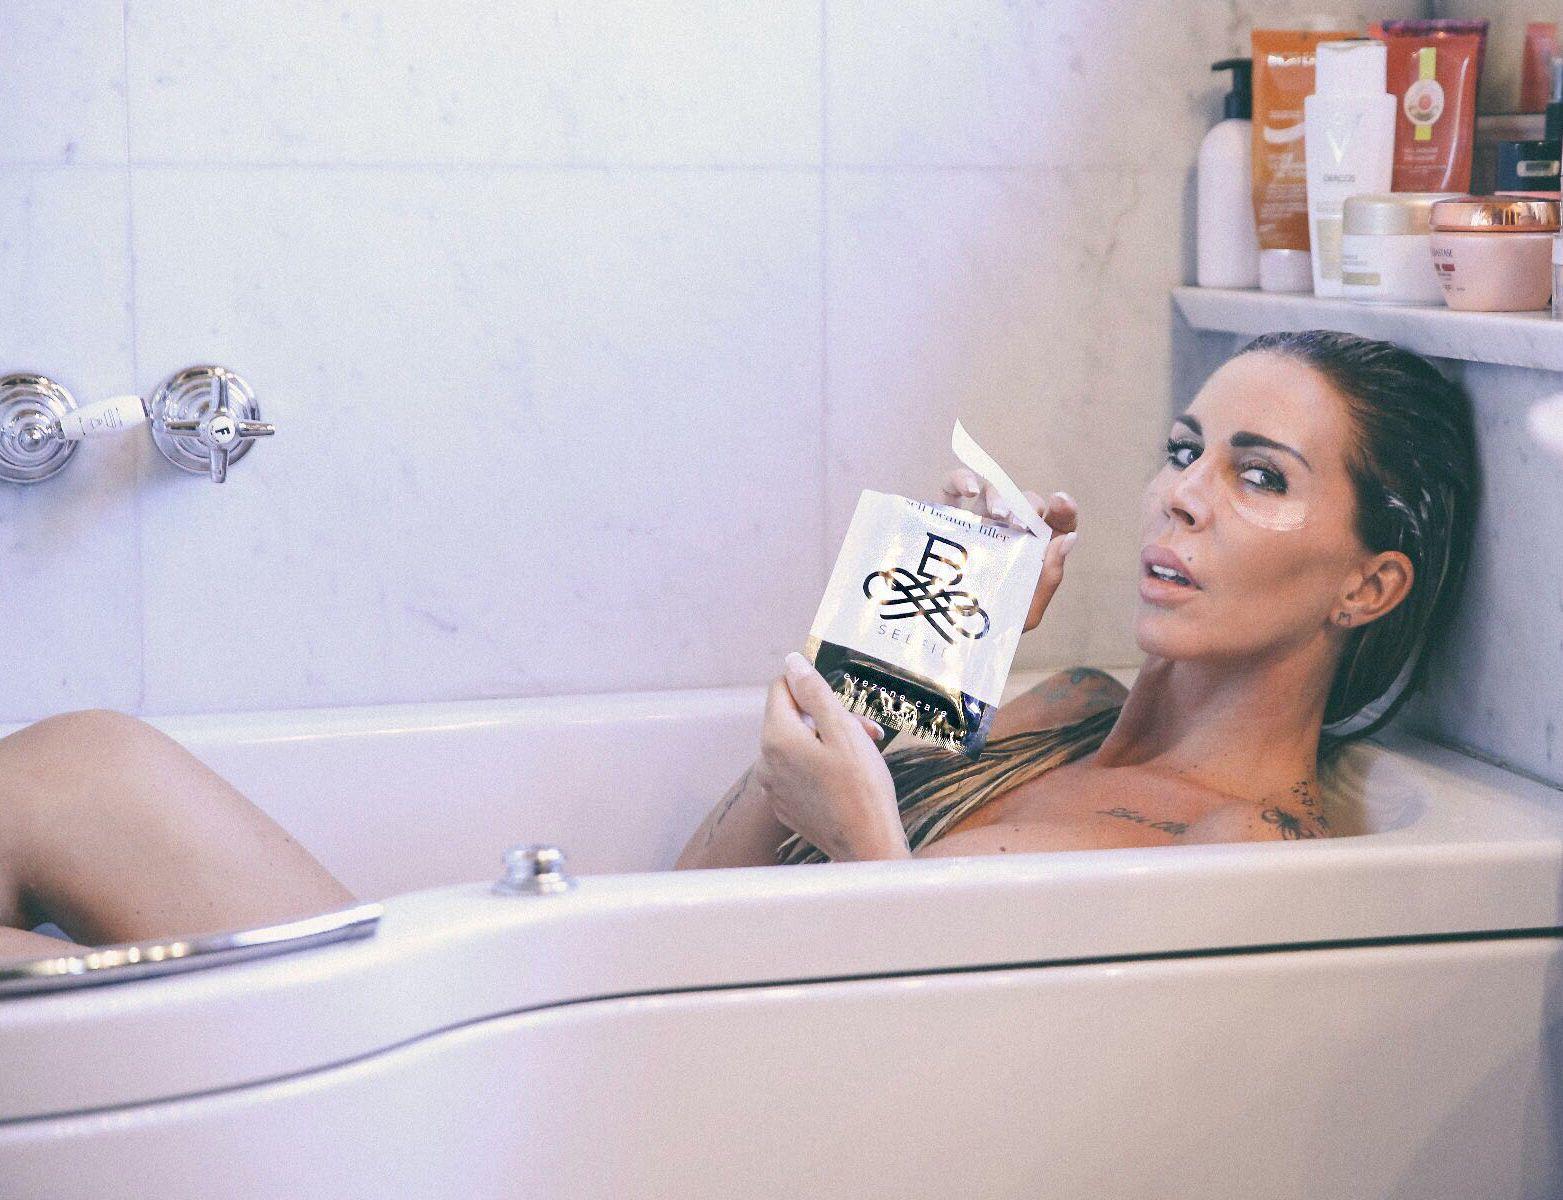 Bagno Rilassante ~ Bselfietime anche per guendalina canessa che si concede un bagno